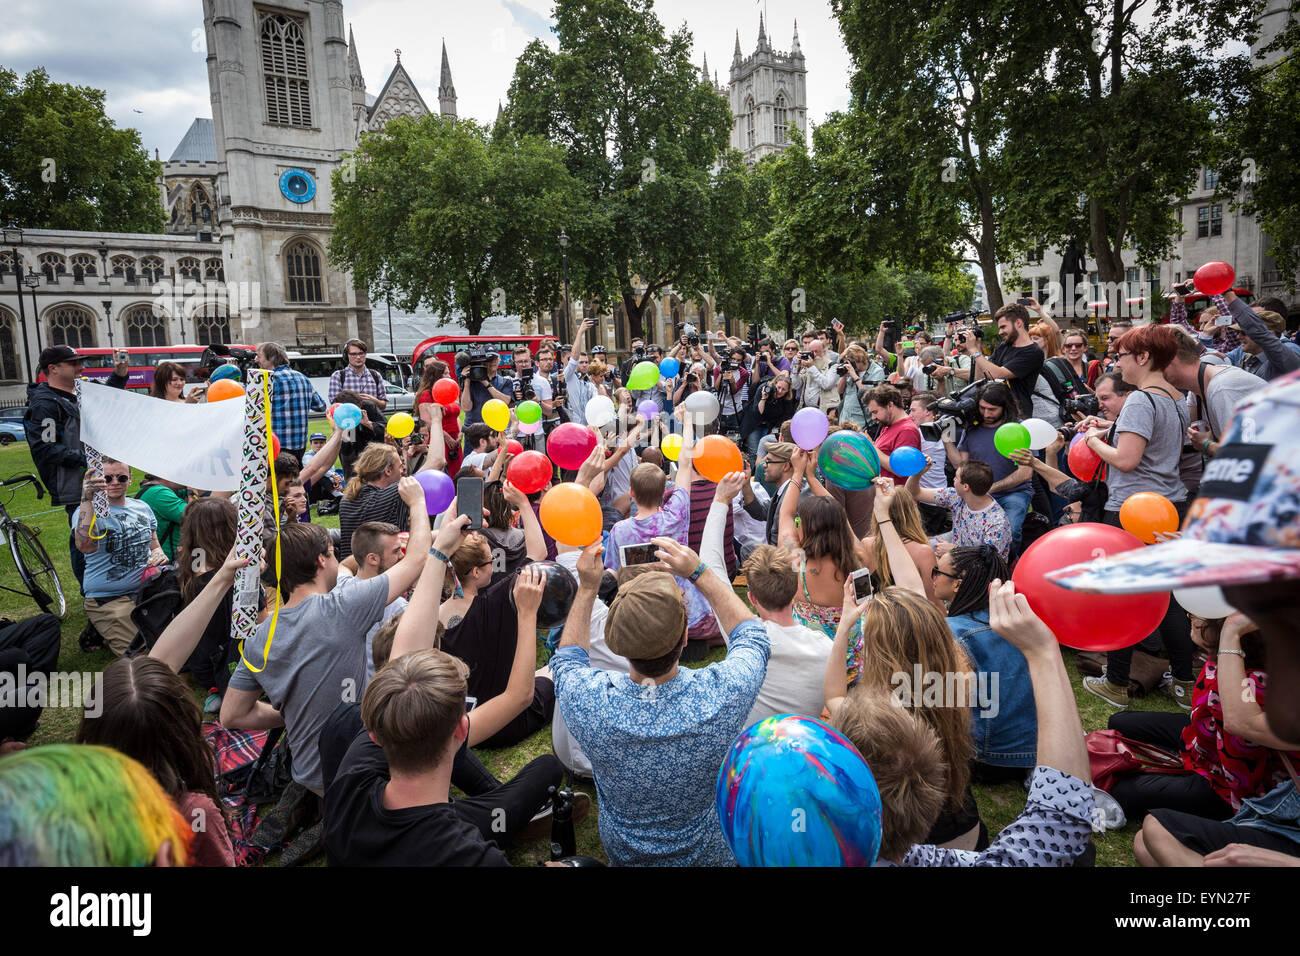 """Londres, Royaume-Uni. 1er août 2015. Les ballons gonflés à l'inhaler des militants de l'oxyde nitreux, communément connu sous le nom de """"gaz hilarant"""" de prendre de haut au cours d'une manifestation à la place du Parlement de Westminster contre un projet de loi qui vise à faire de la vente de toute substance psychoactive illégale. Crédit: Guy Josse/Alamy Live News Banque D'Images"""